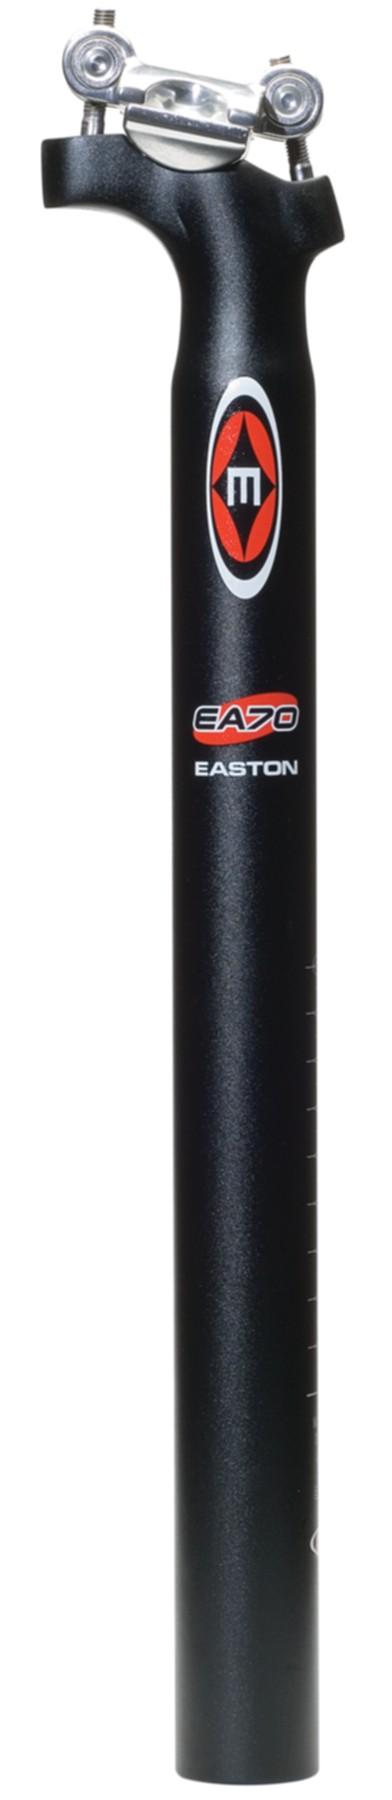 Easton EA70 Aluminum Seat Post